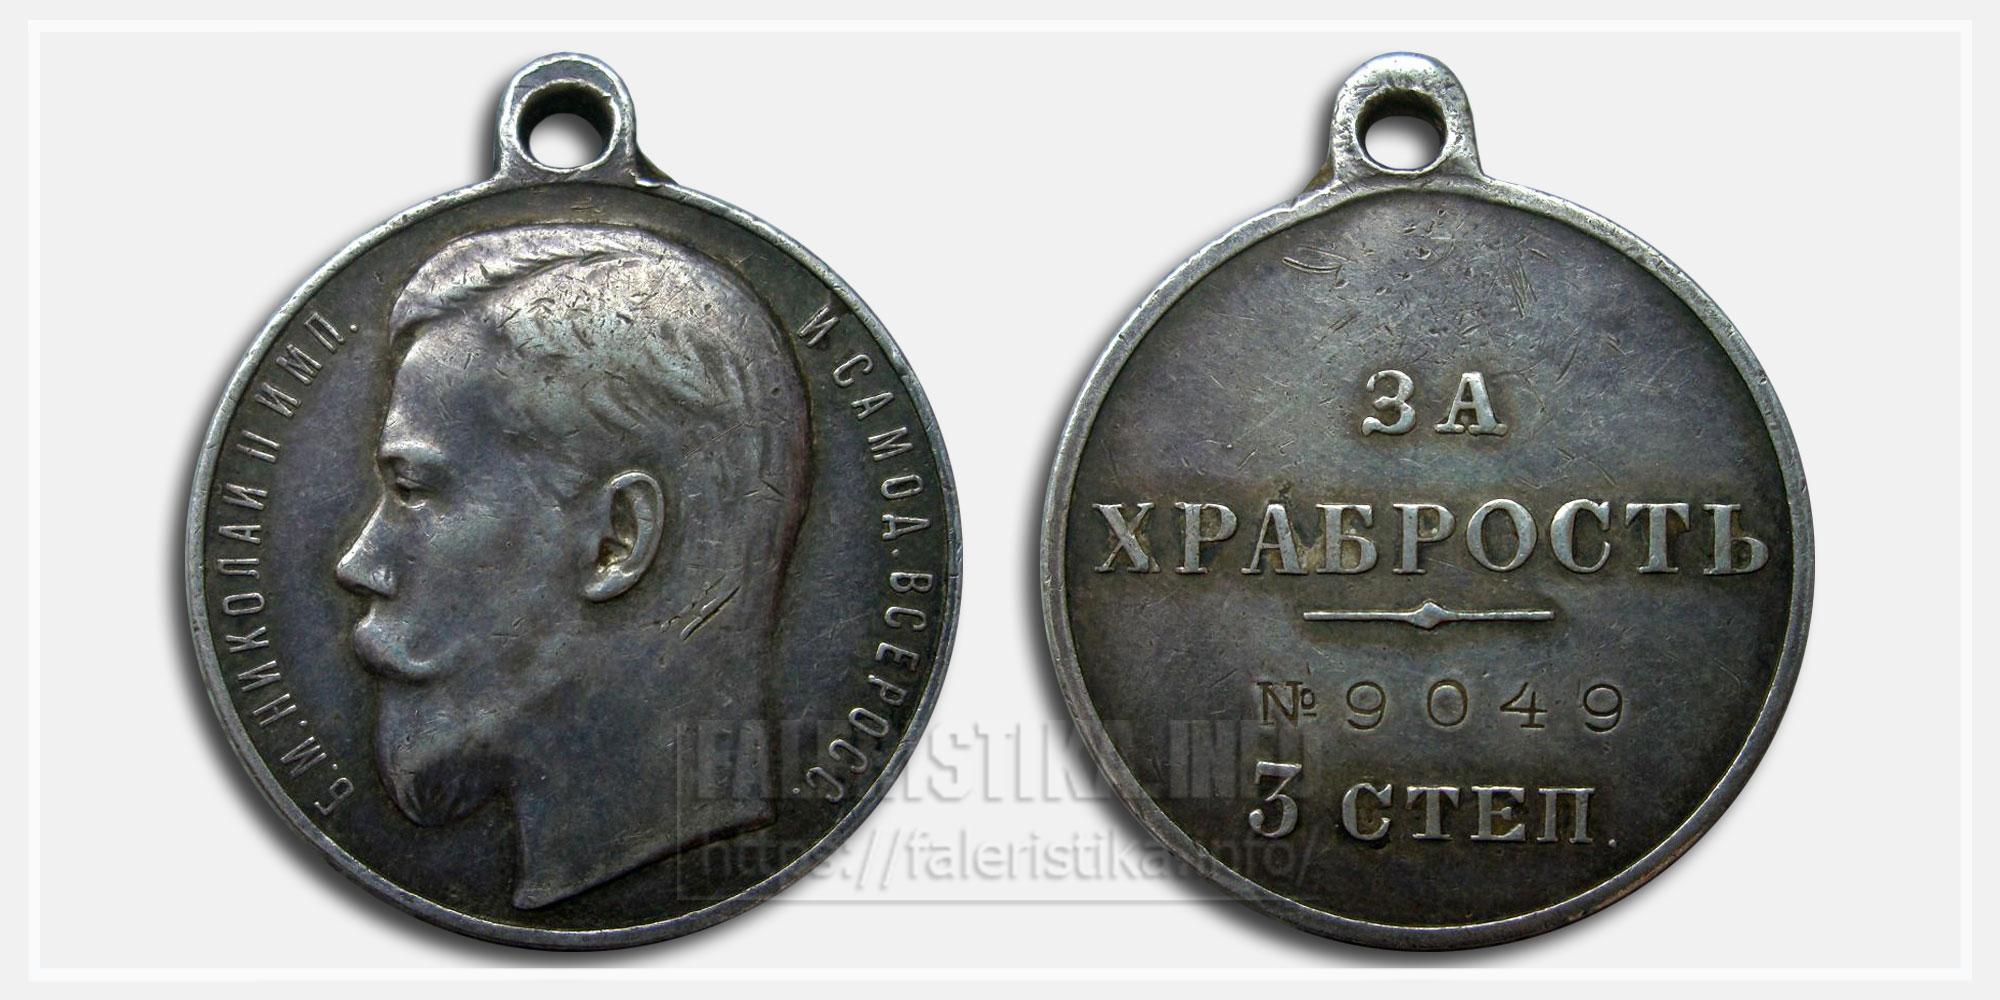 """Медаль """"За храбрость"""" 3 ст. №9.049"""